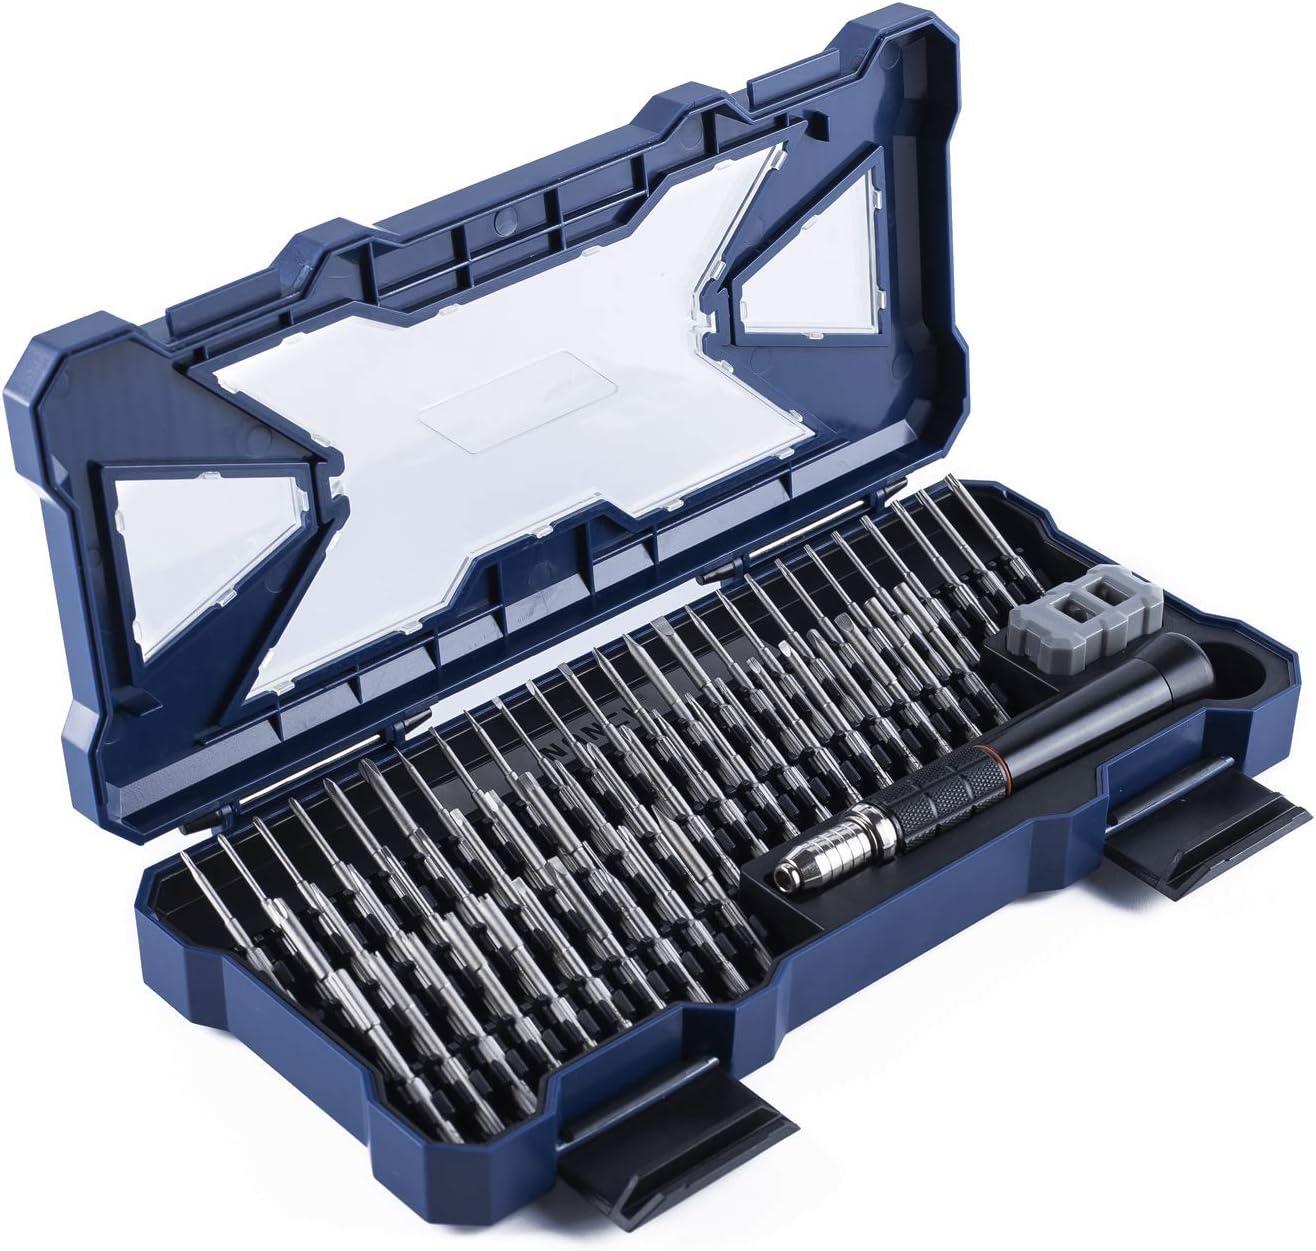 Nanch Precision Outils Précision Tournevis Set Réparation Outil Kit H8 nanch Japon